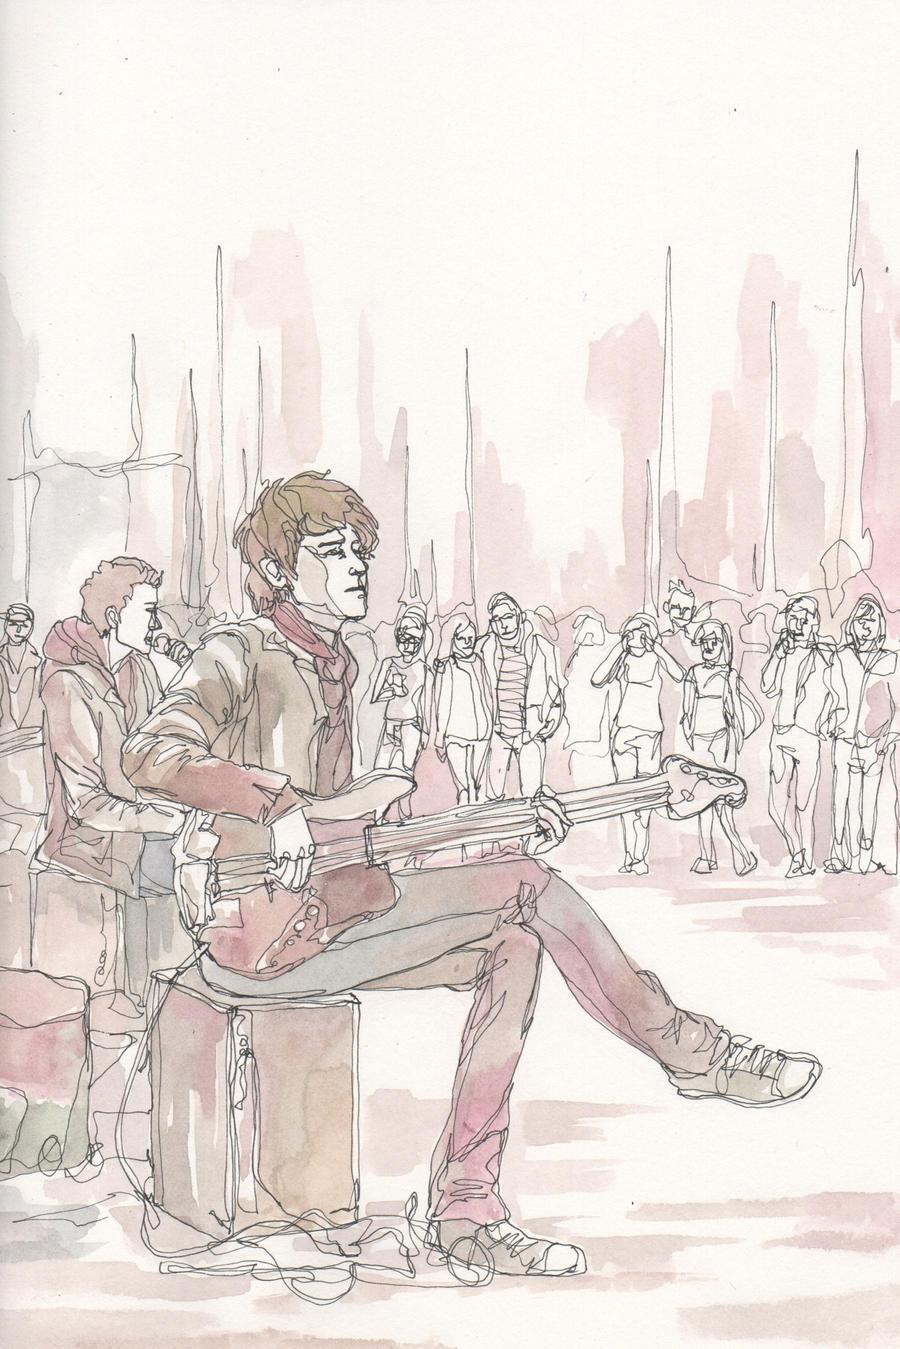 street musician by Wik86